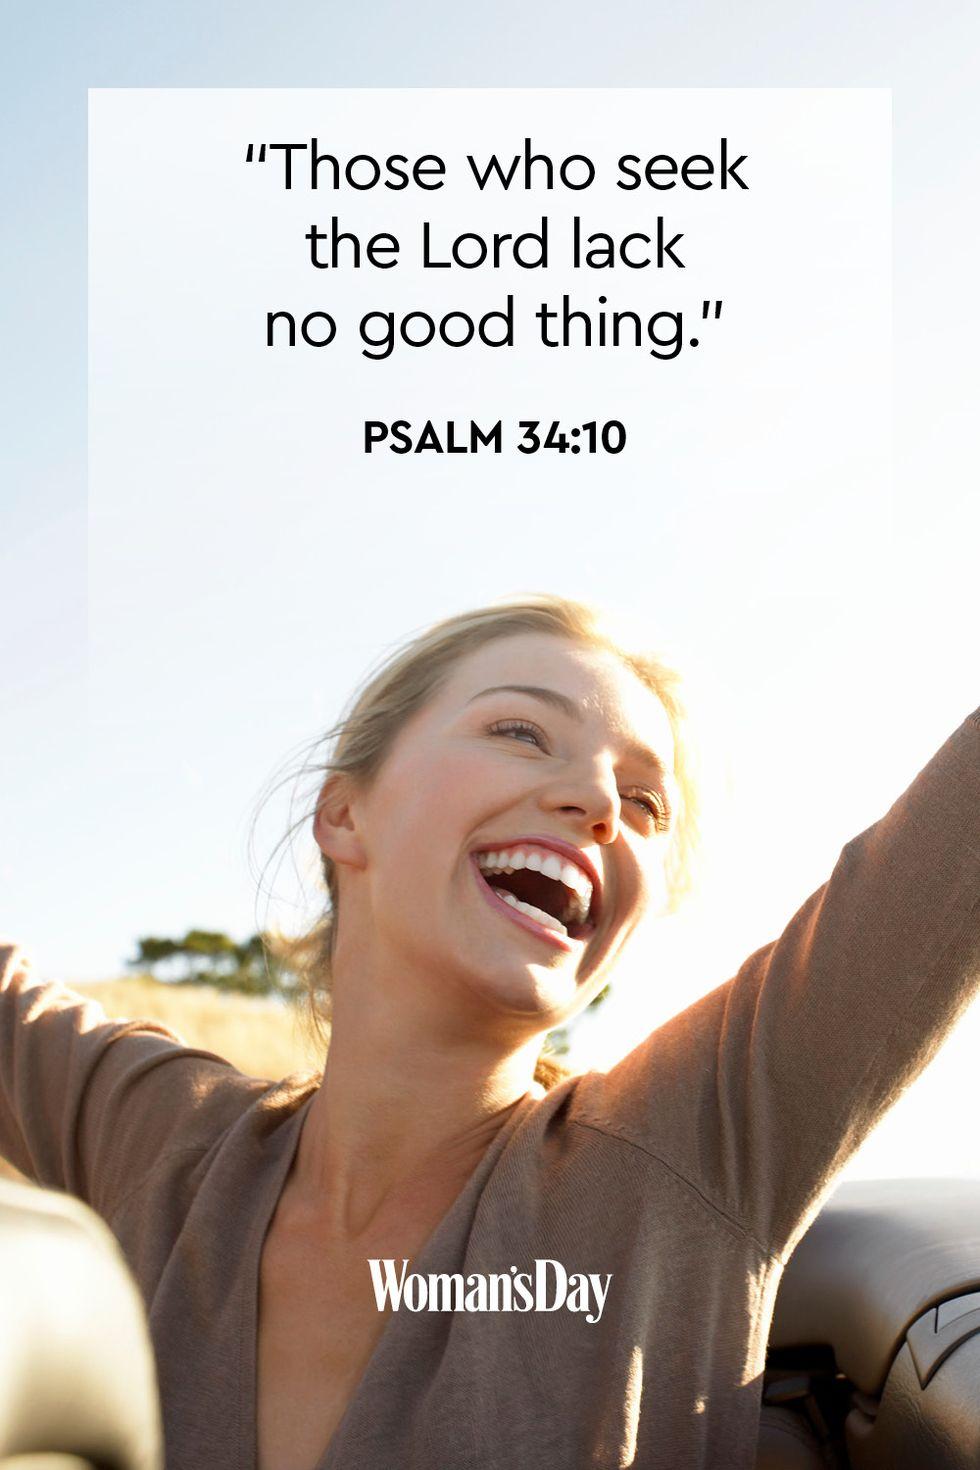 15 Ayat Alkitab Motivasi Dalam Bahasa Inggris Beserta Artinya Kristiani News